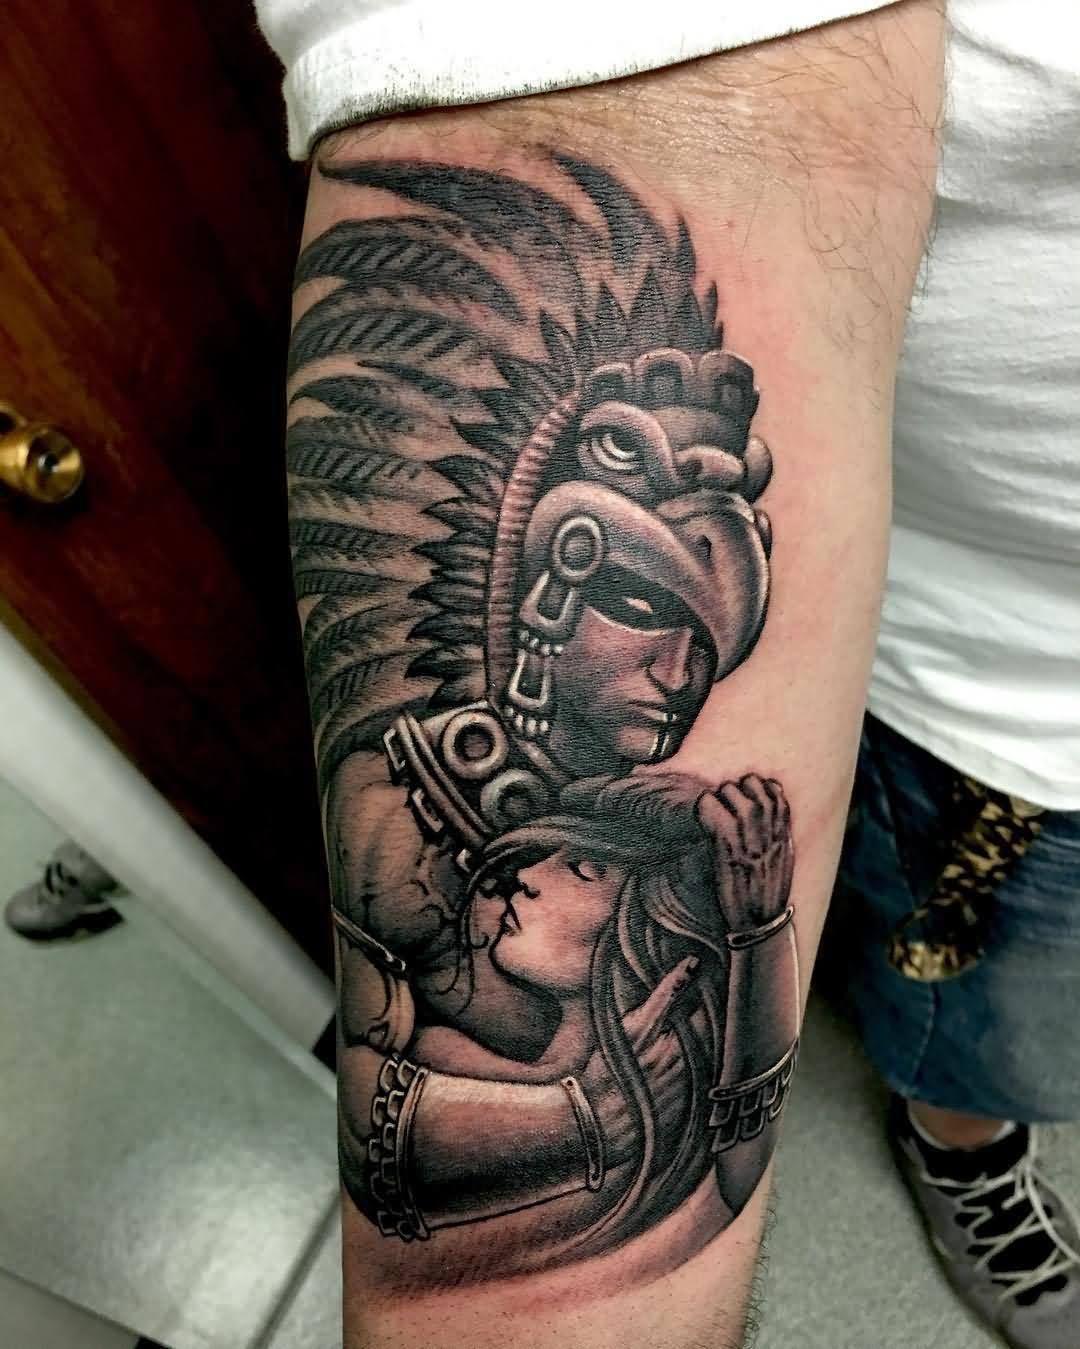 45 Energizer Aztec Tattoos Designs Ideas Amp Images Picsmine Tatoo Tatuagens Astecas